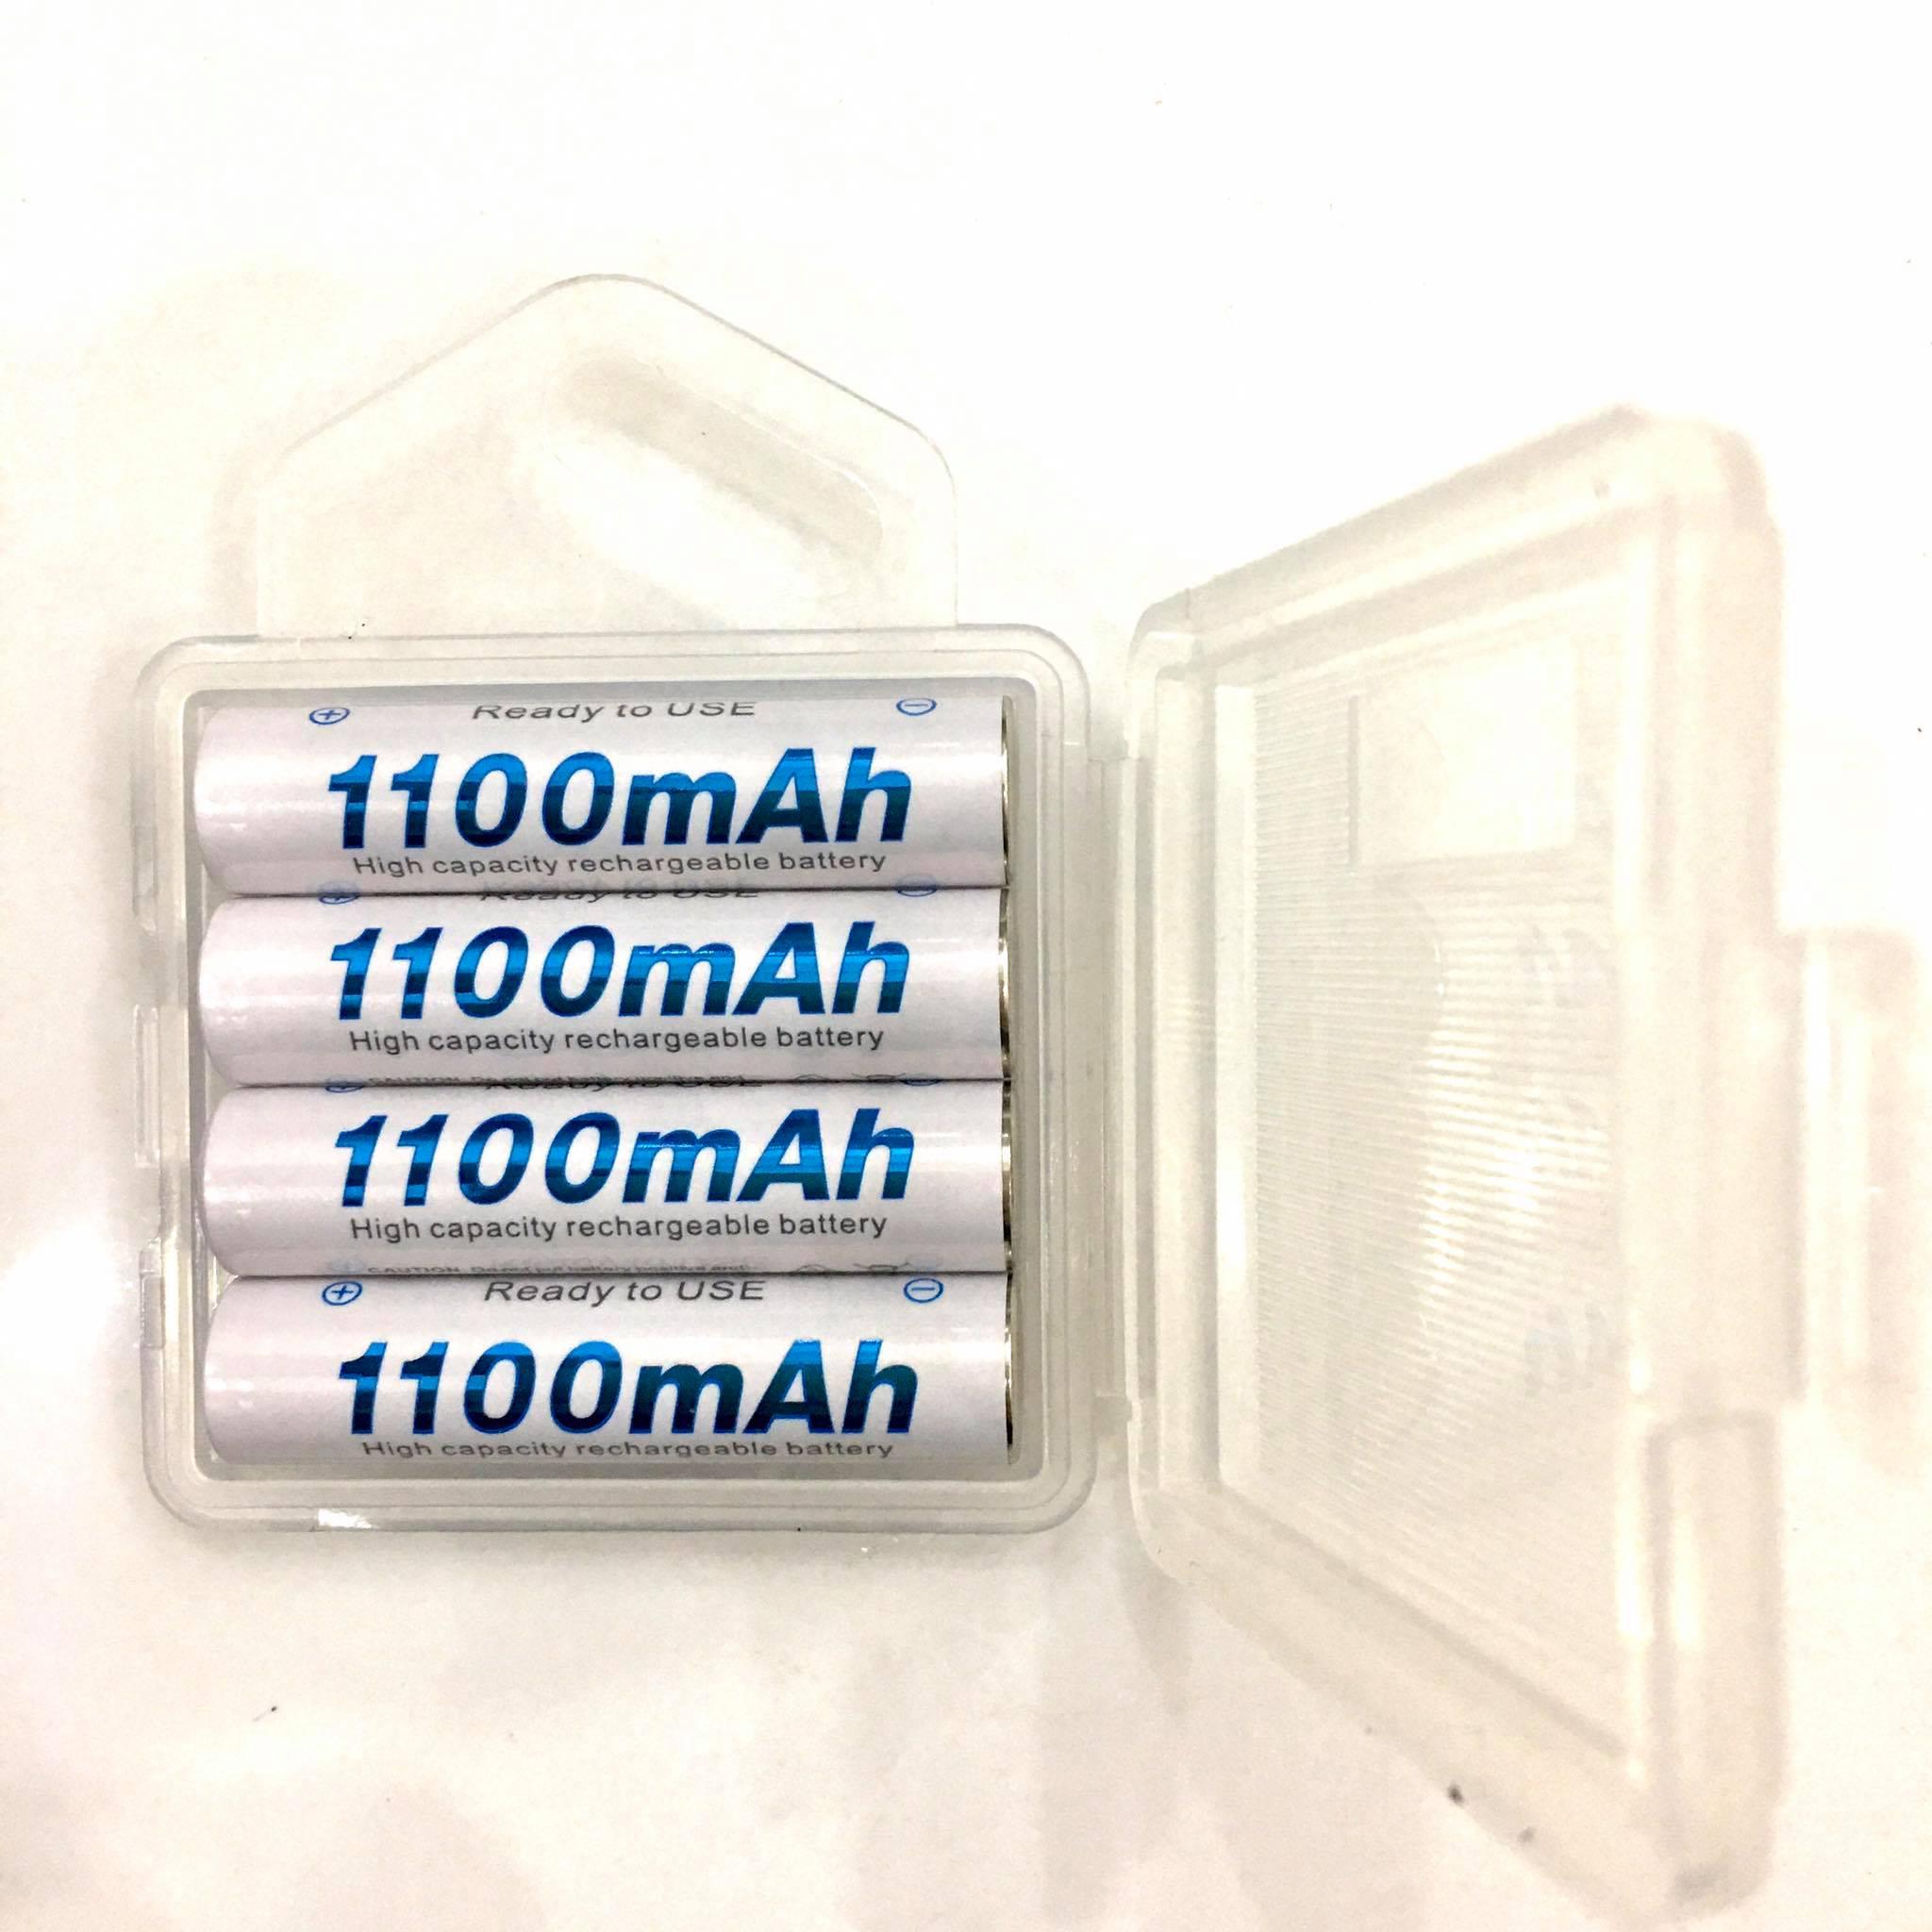 Vỉ 4 Pin sạc AAA (3A) , Pin đũa sạc dung lượng 1100mAh Tặng kèm hộp đựng pin